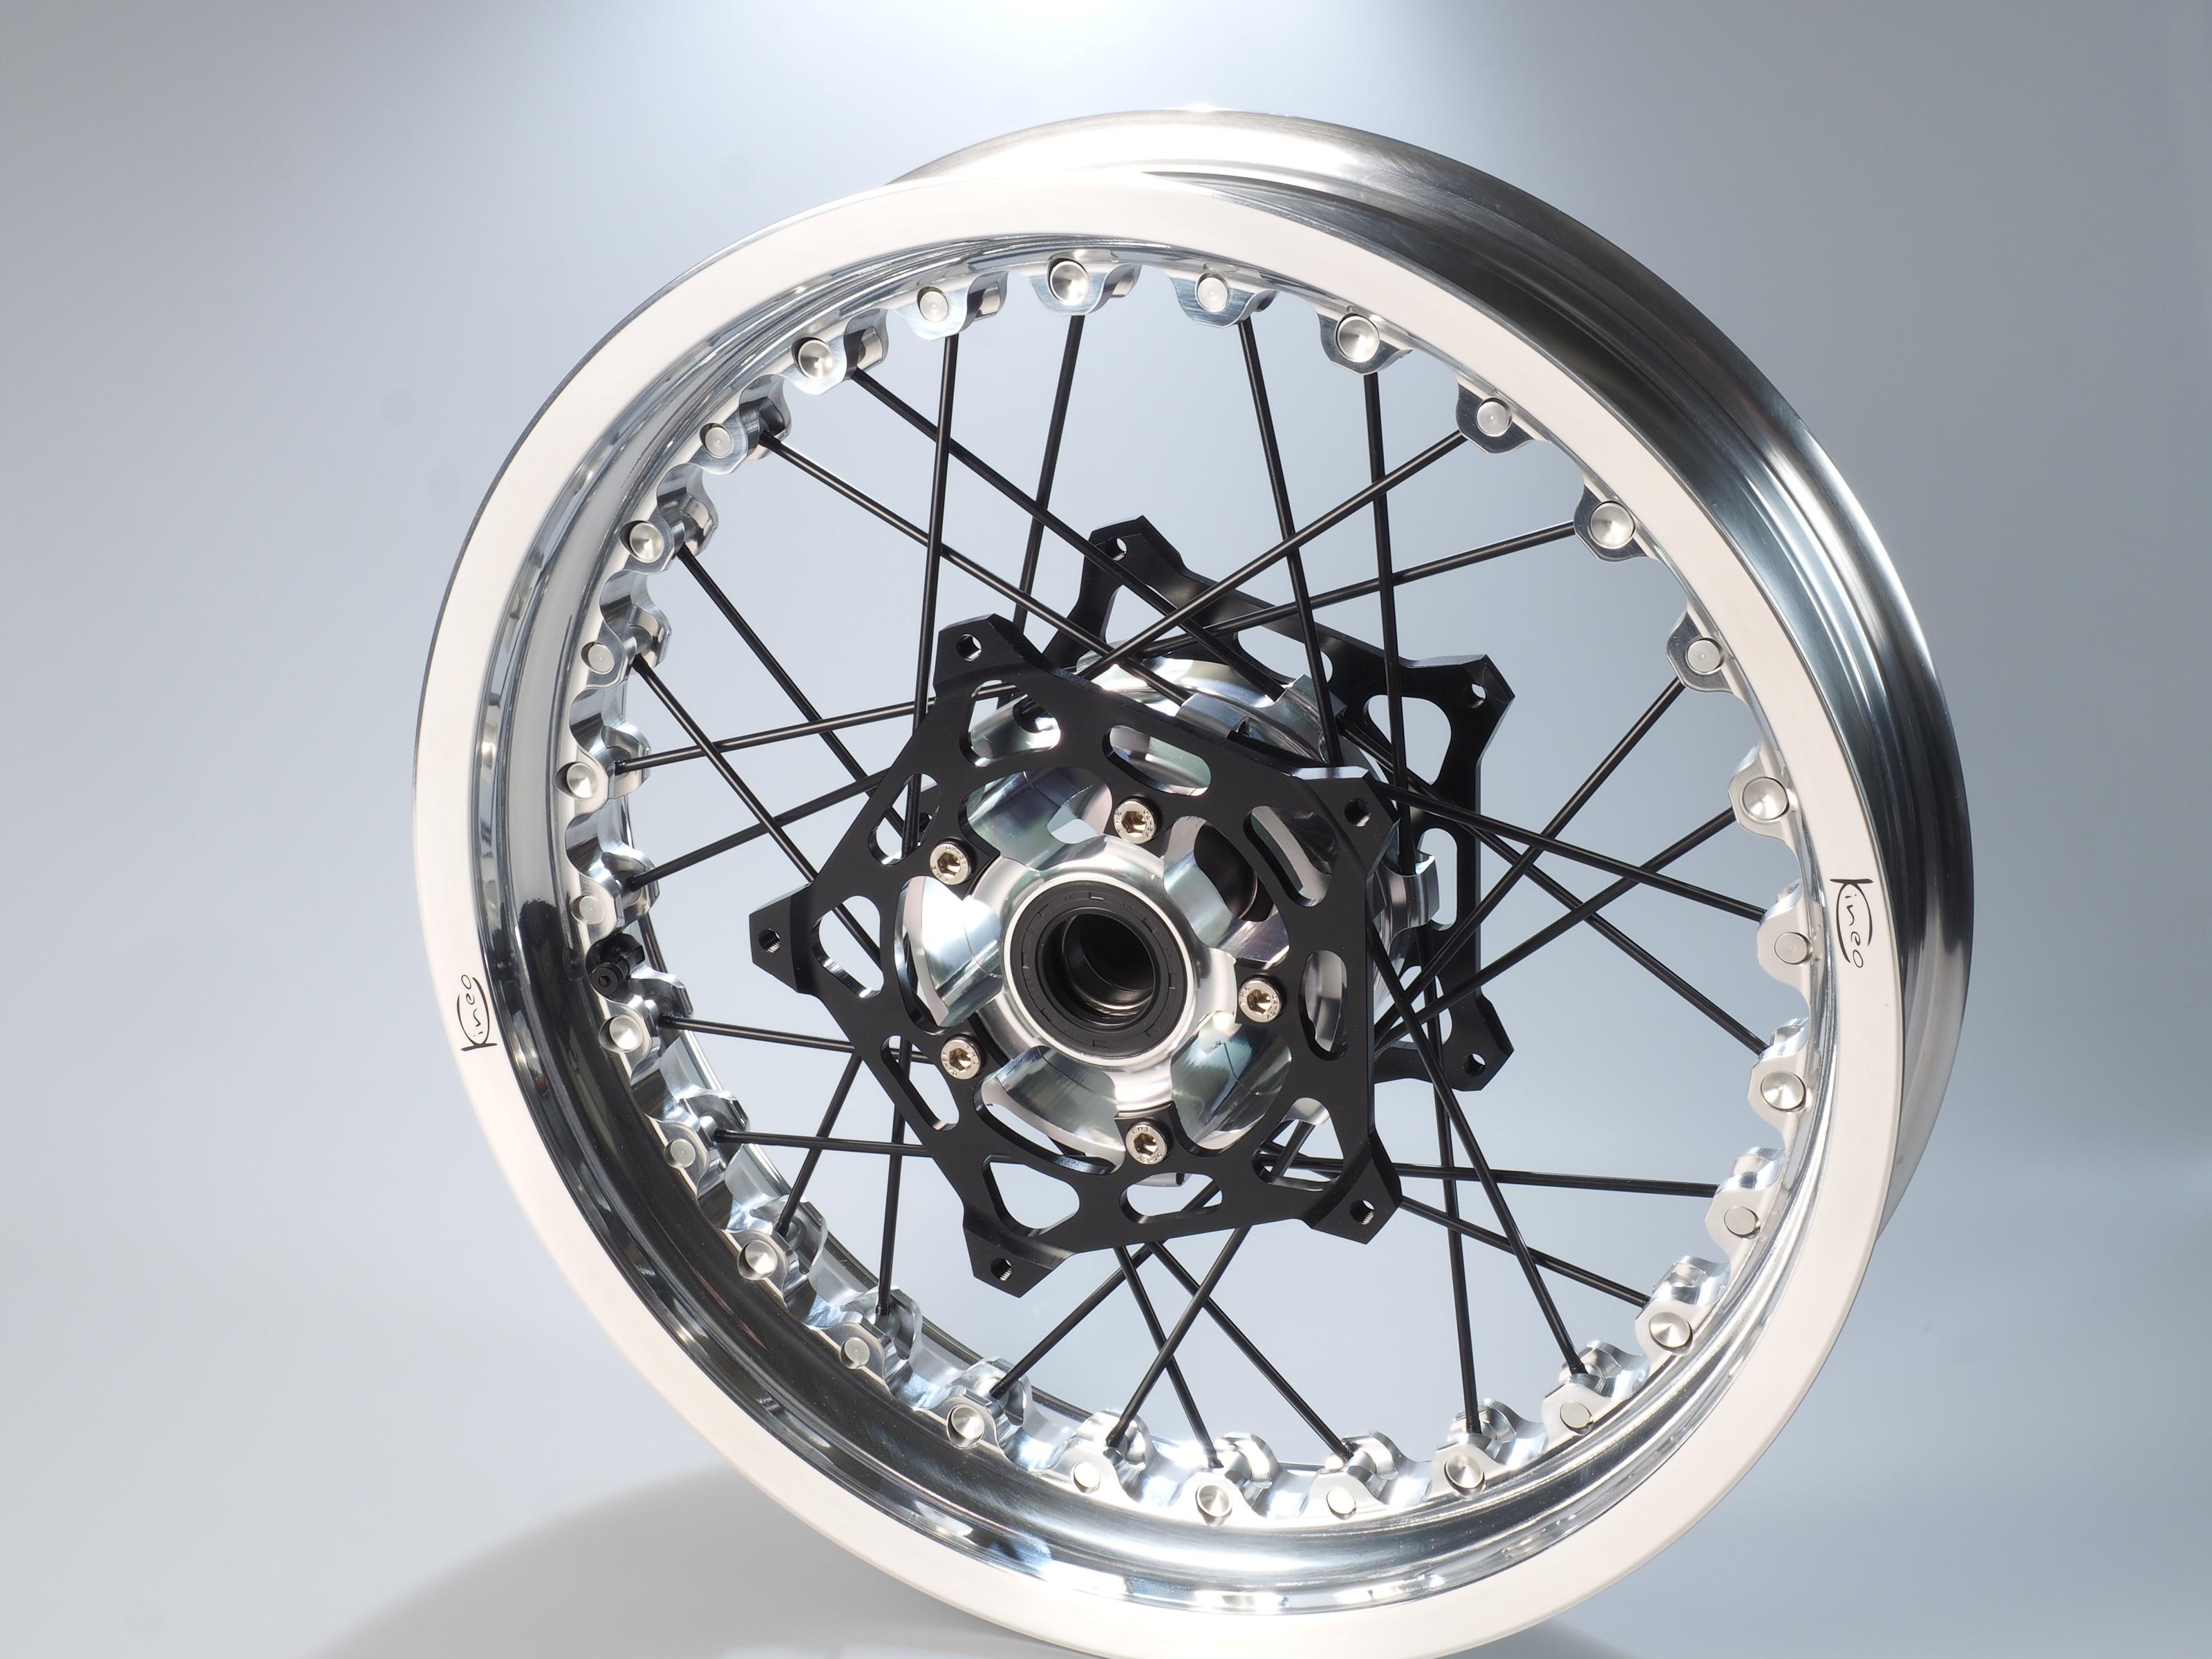 Kineo für Thruxton Räder Räder & Fußrasten